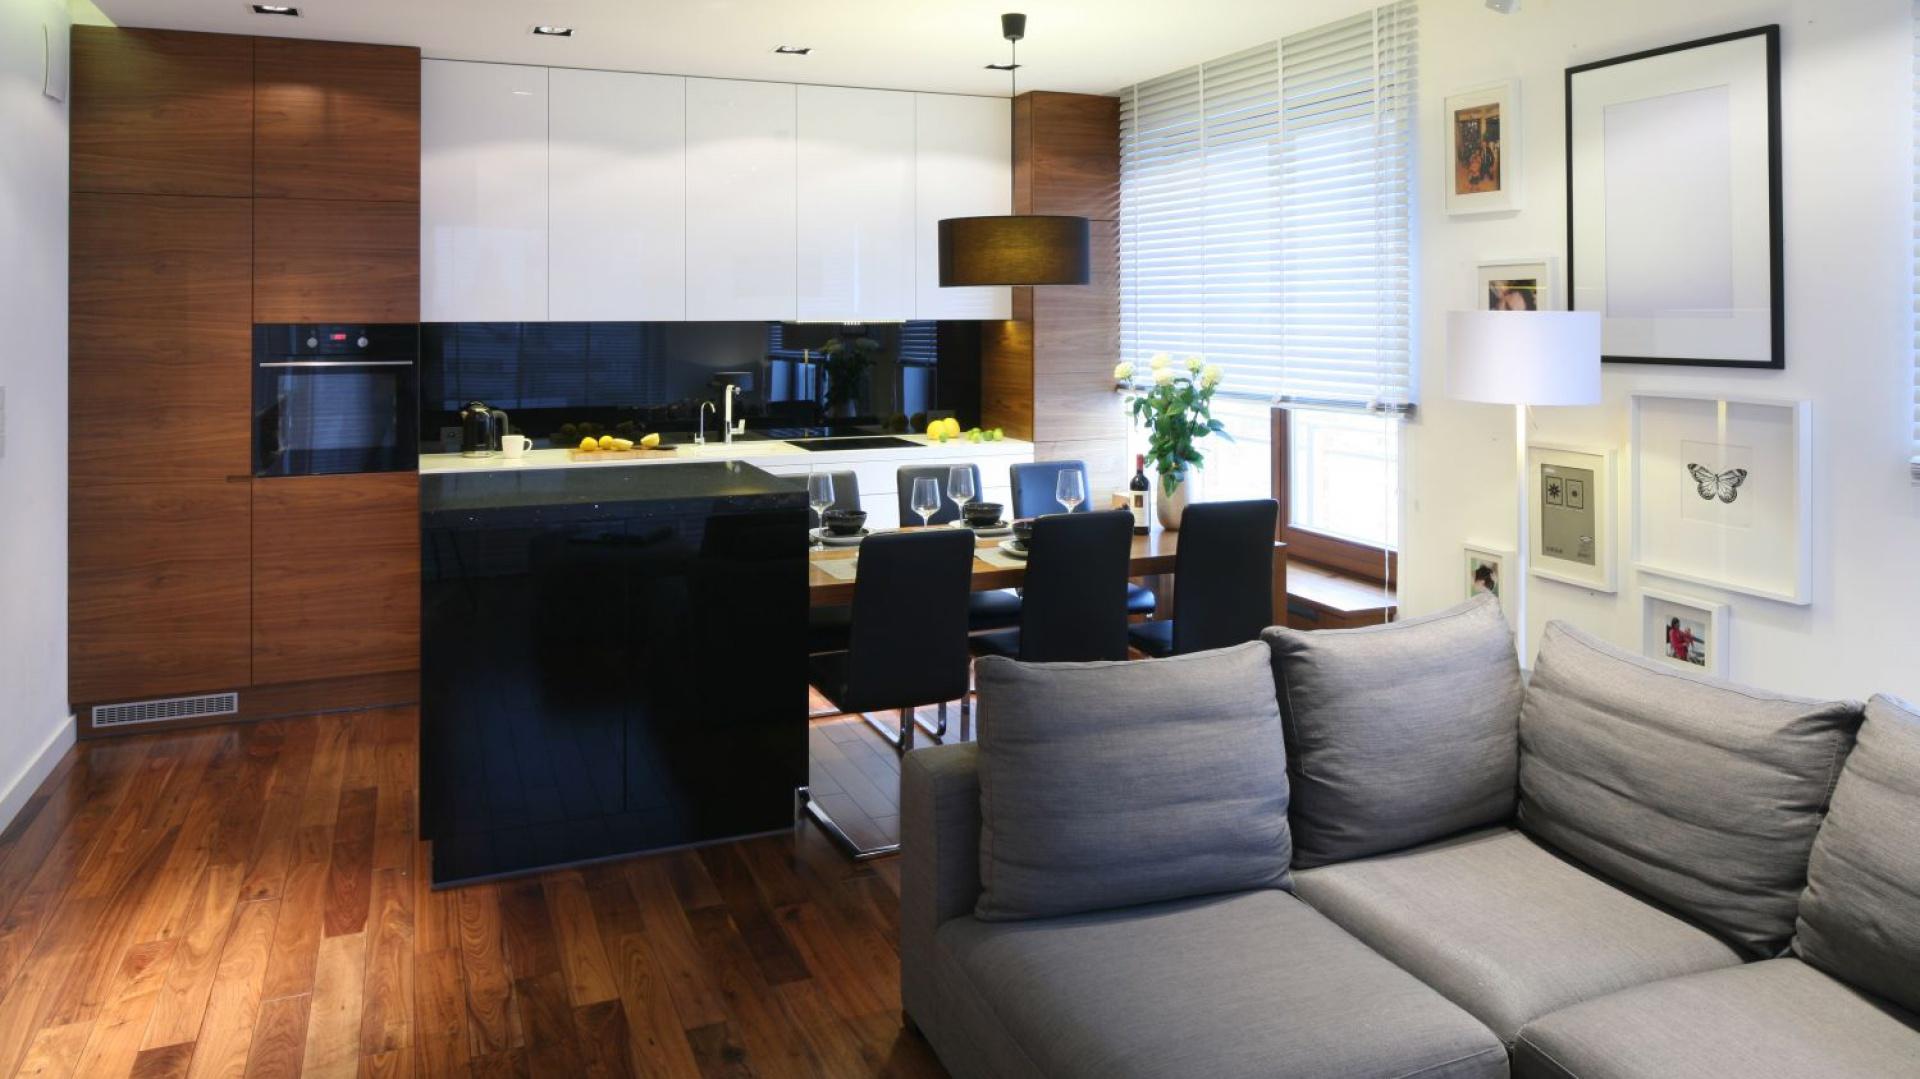 W otwartej kuchni zabudowa kuchenna ulokowana została tylko na jednej ścianie, stanowiąc eleganckie tło dla aranżacji strefy dziennej. Projekt: Agnieszka Ludwinowska. Fot. Bartosz Jarosz.